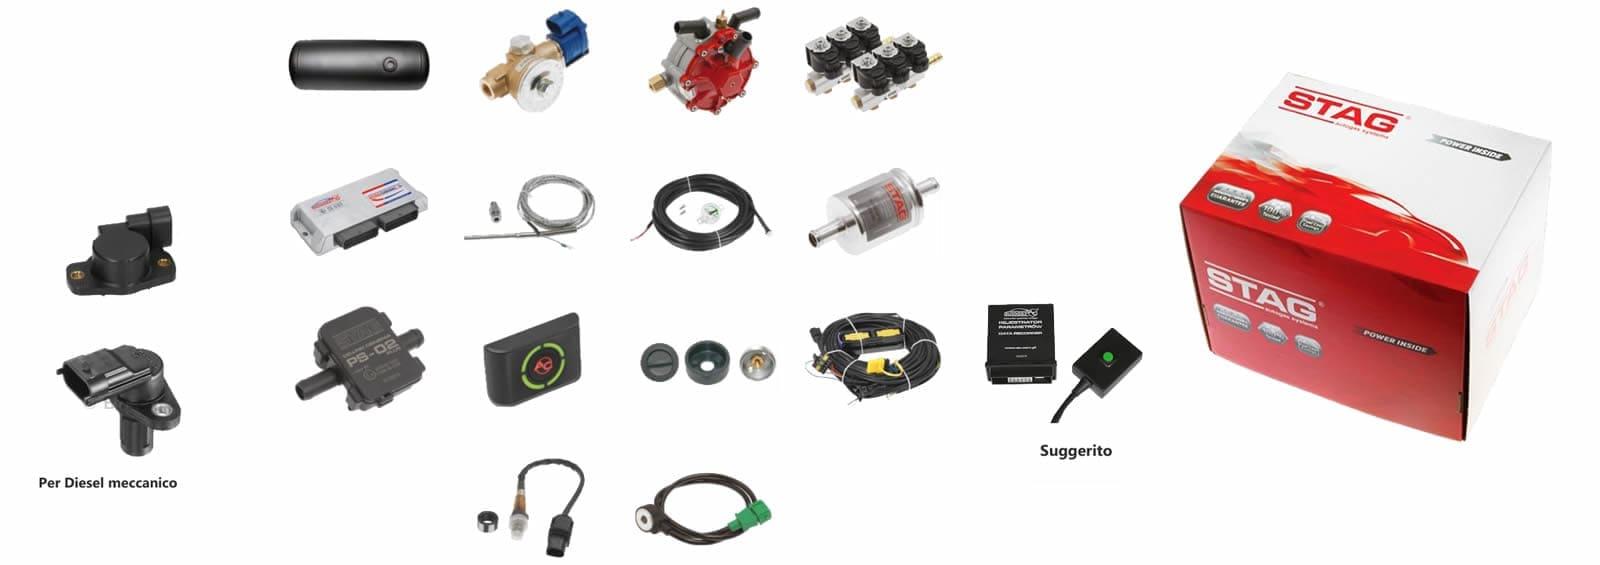 Componenti sistema STAG diesel